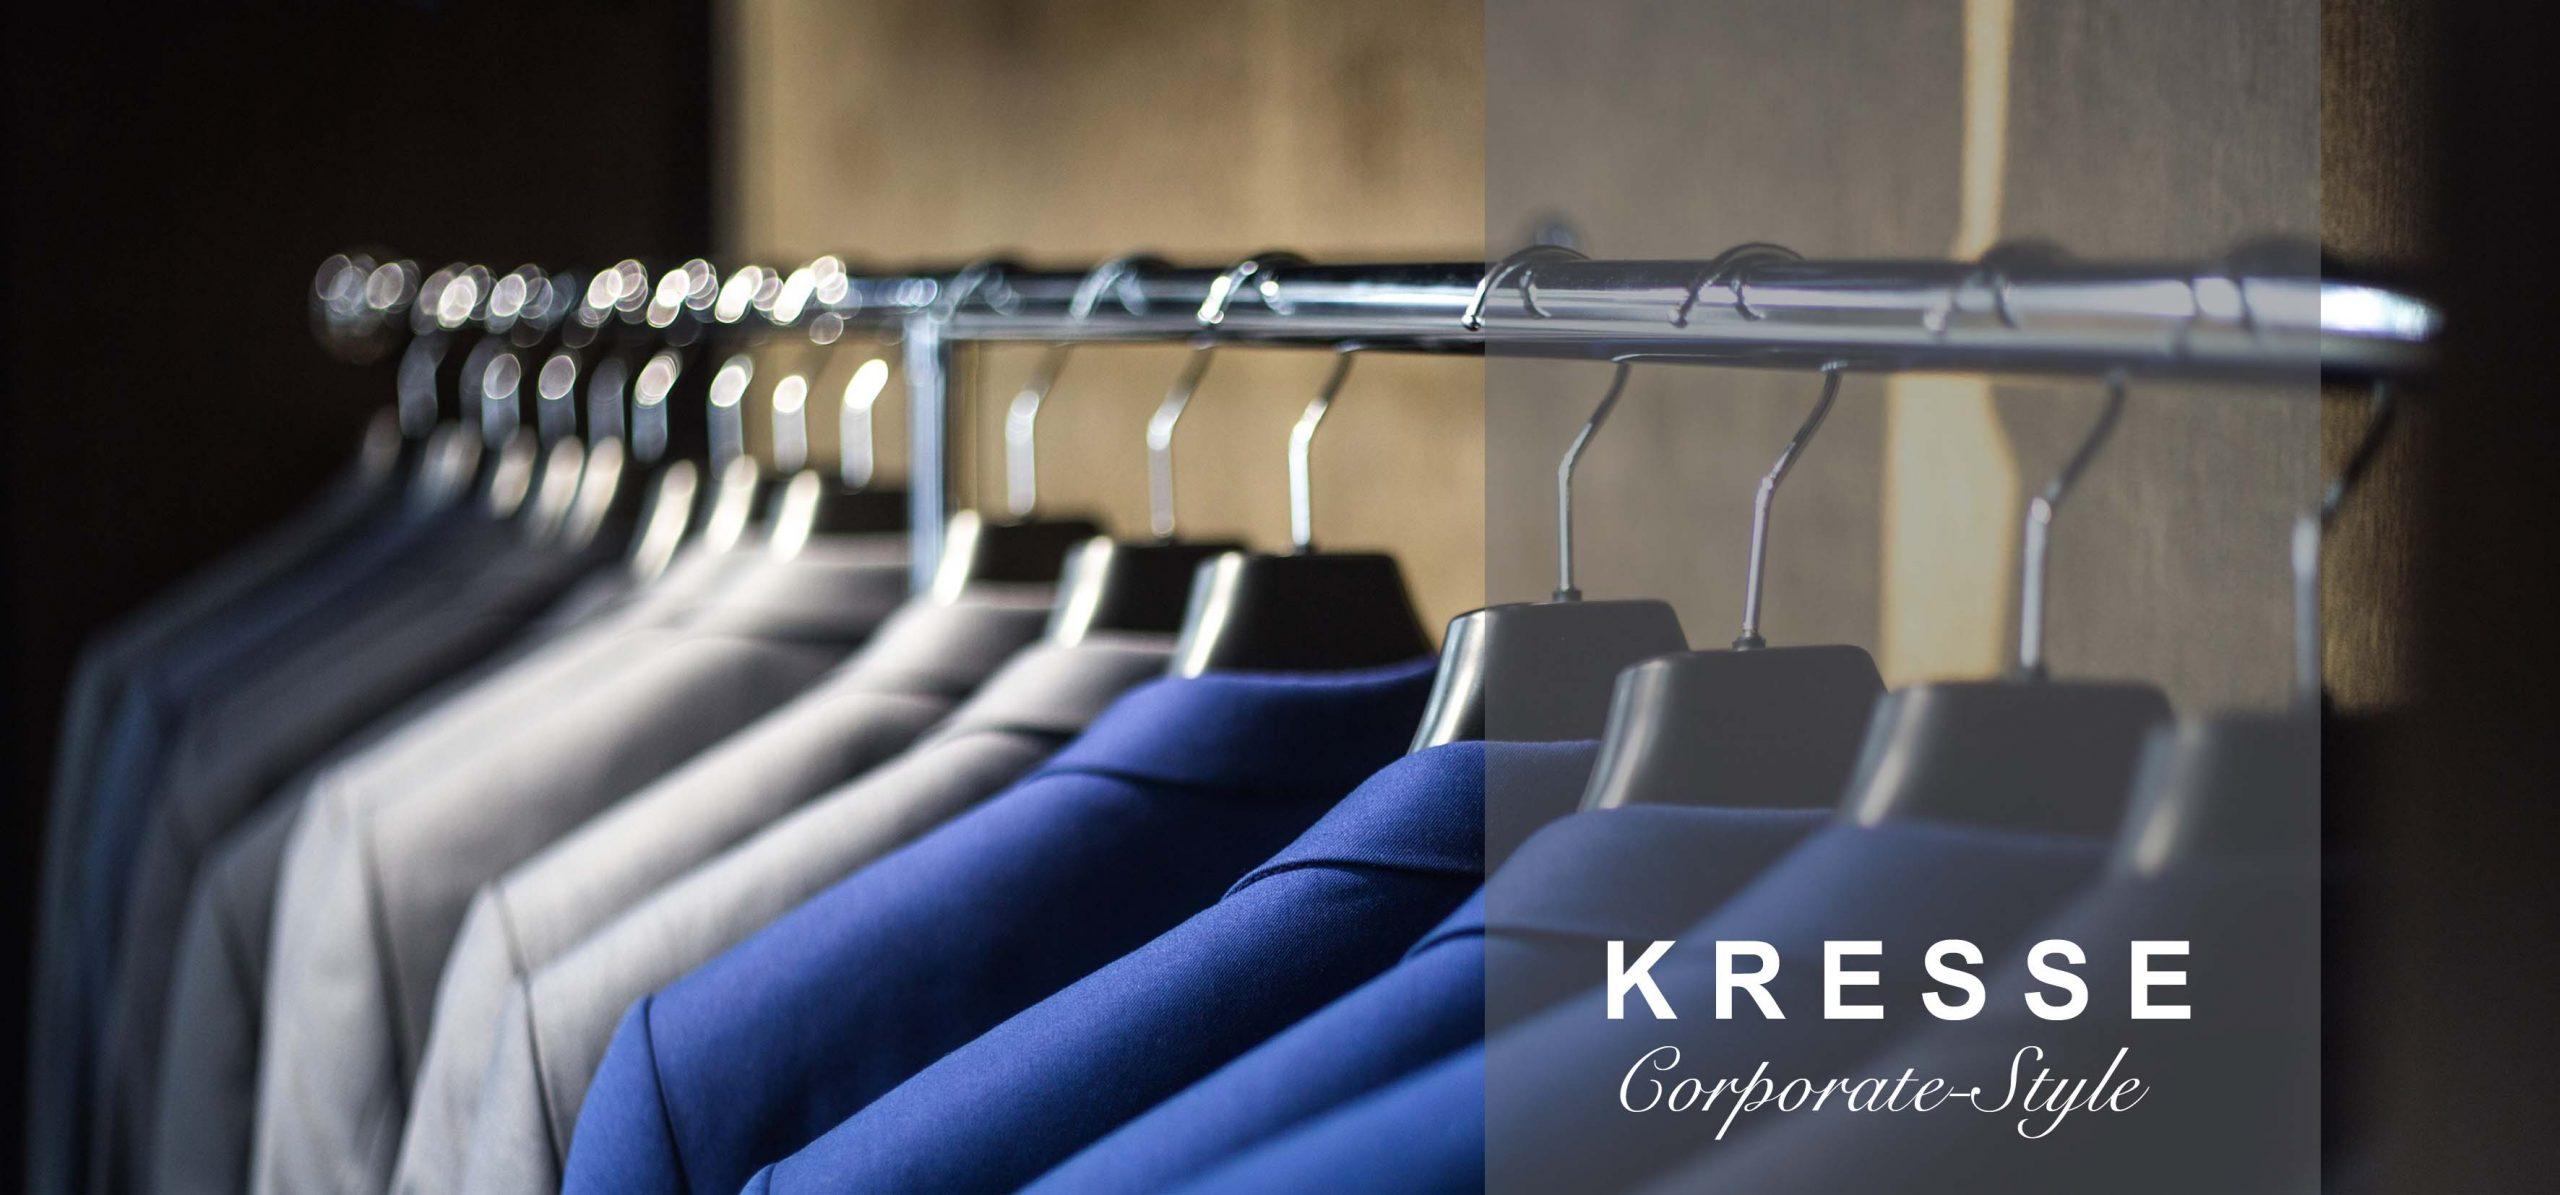 Kresse-corporate-style-wear-bekleidung